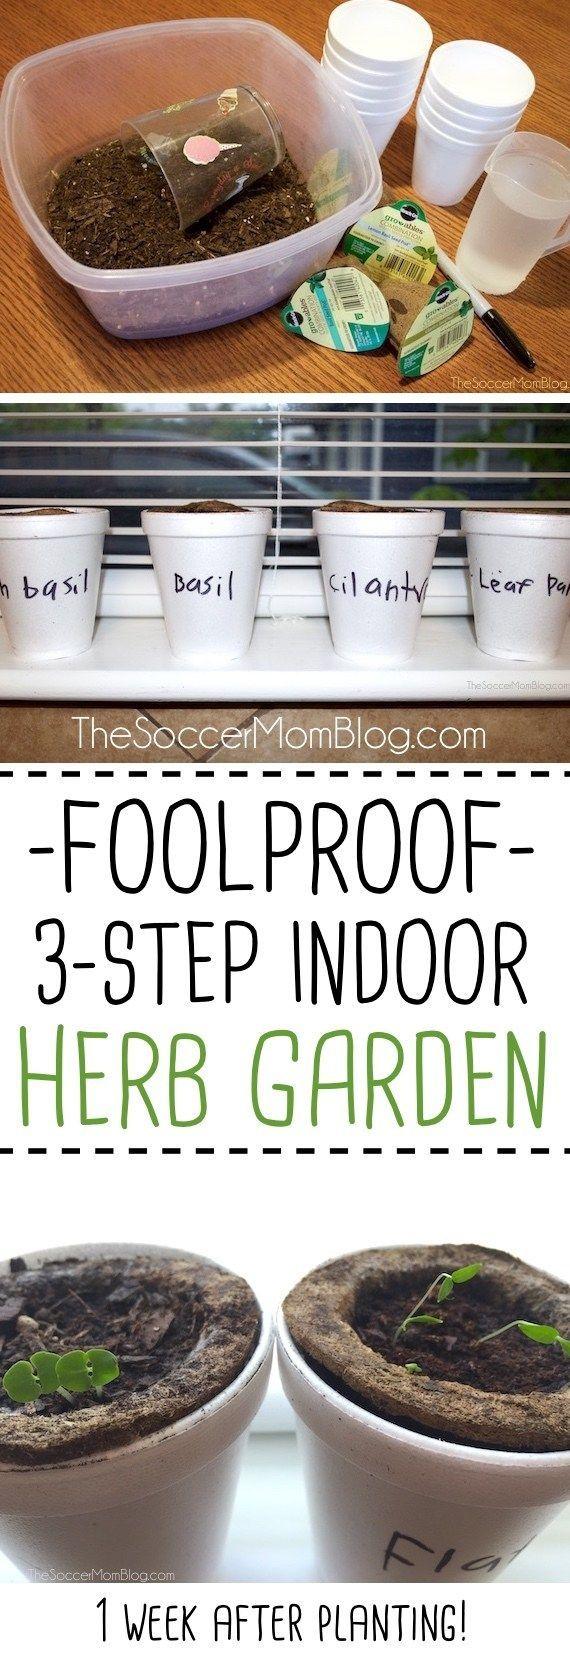 Gardening With Kids Easy 3 Step Indoor Herb Garden 640 x 480